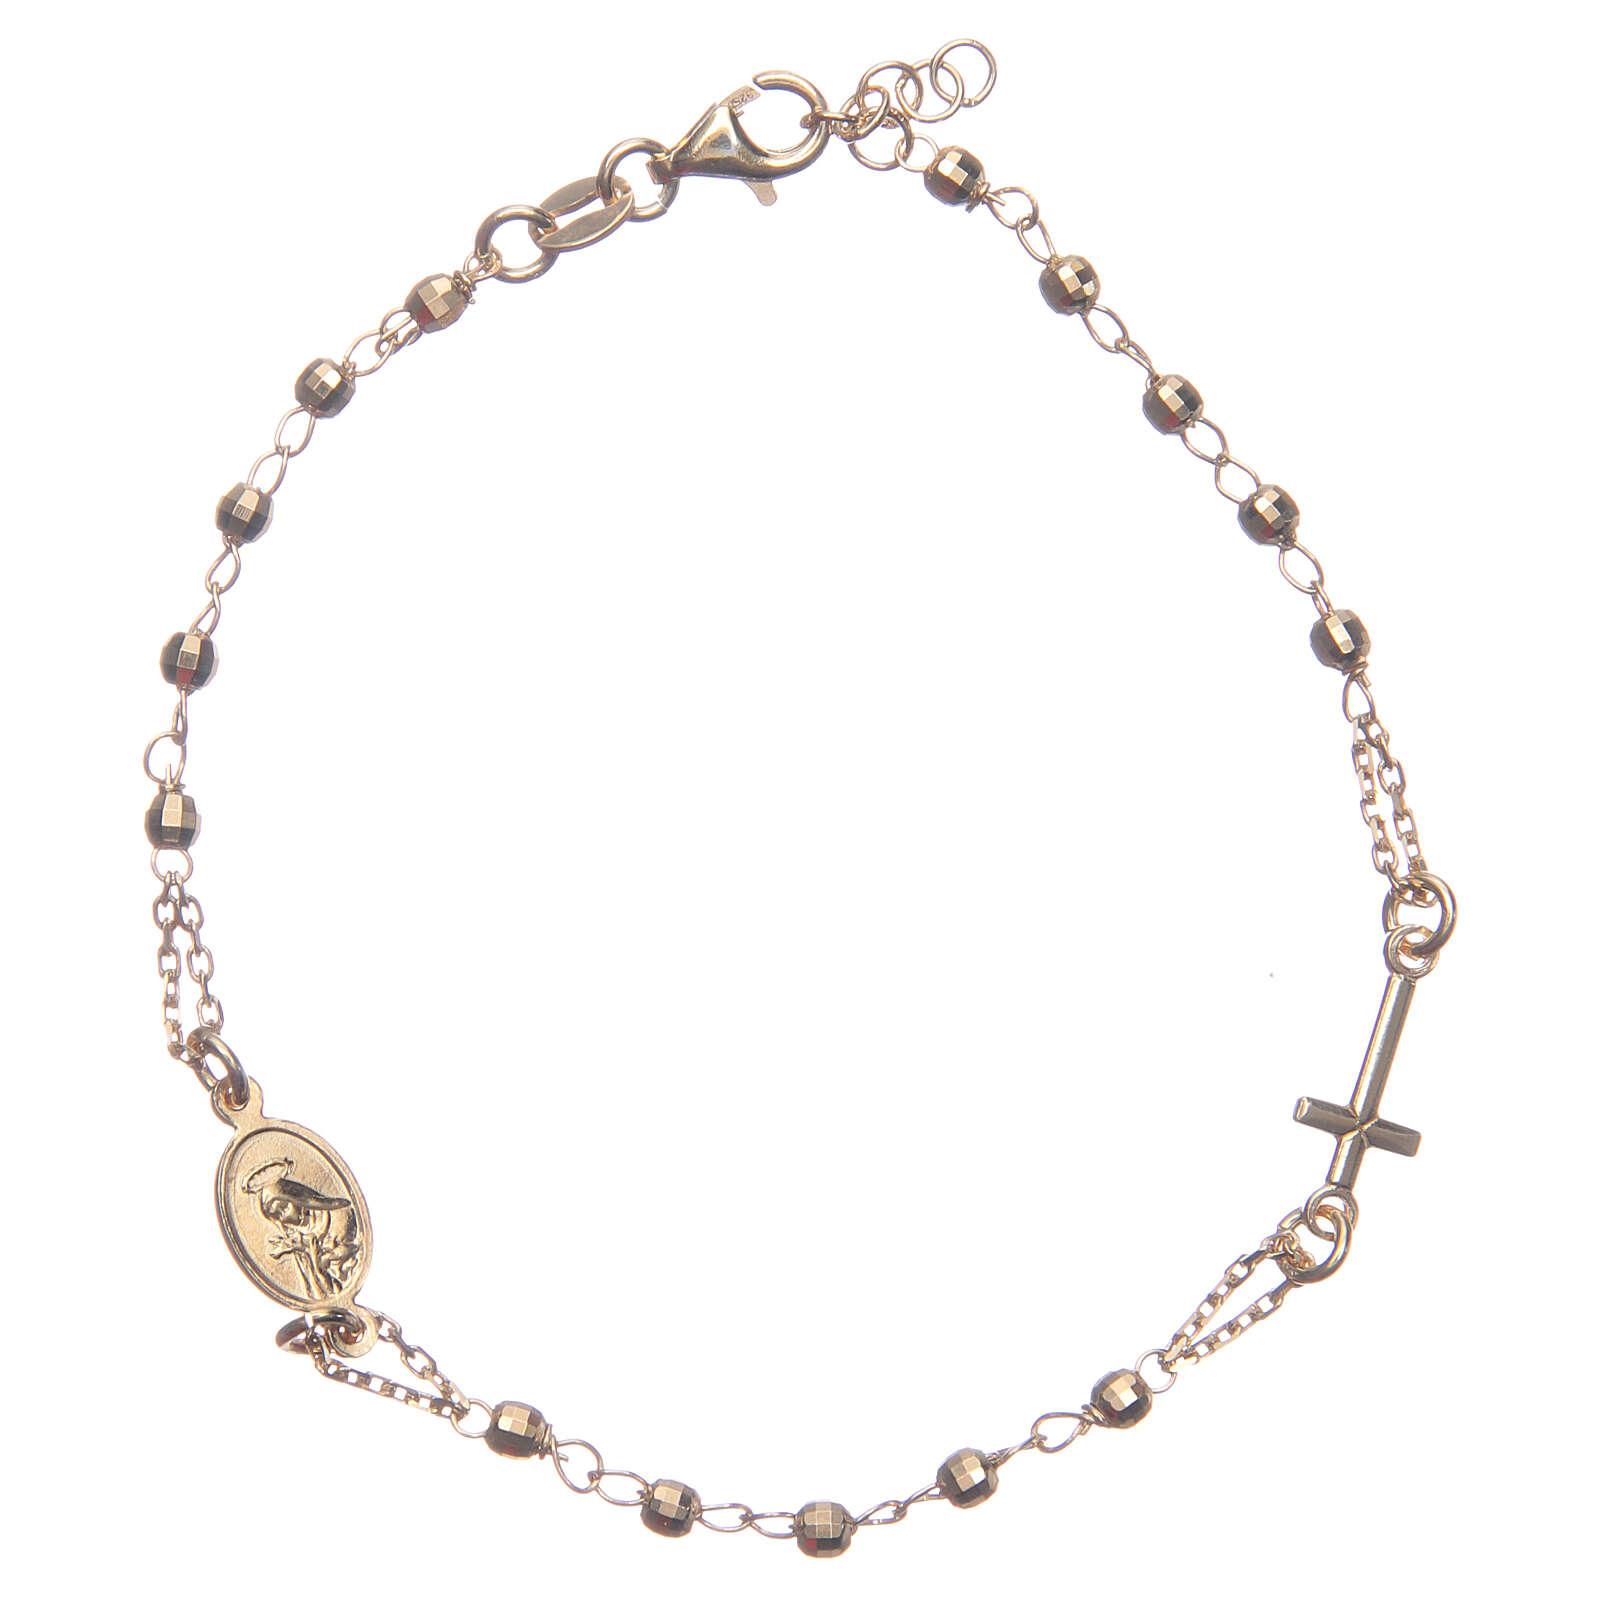 Armband Rosenkranz Santa Rita aus 925er Silber, gold 4